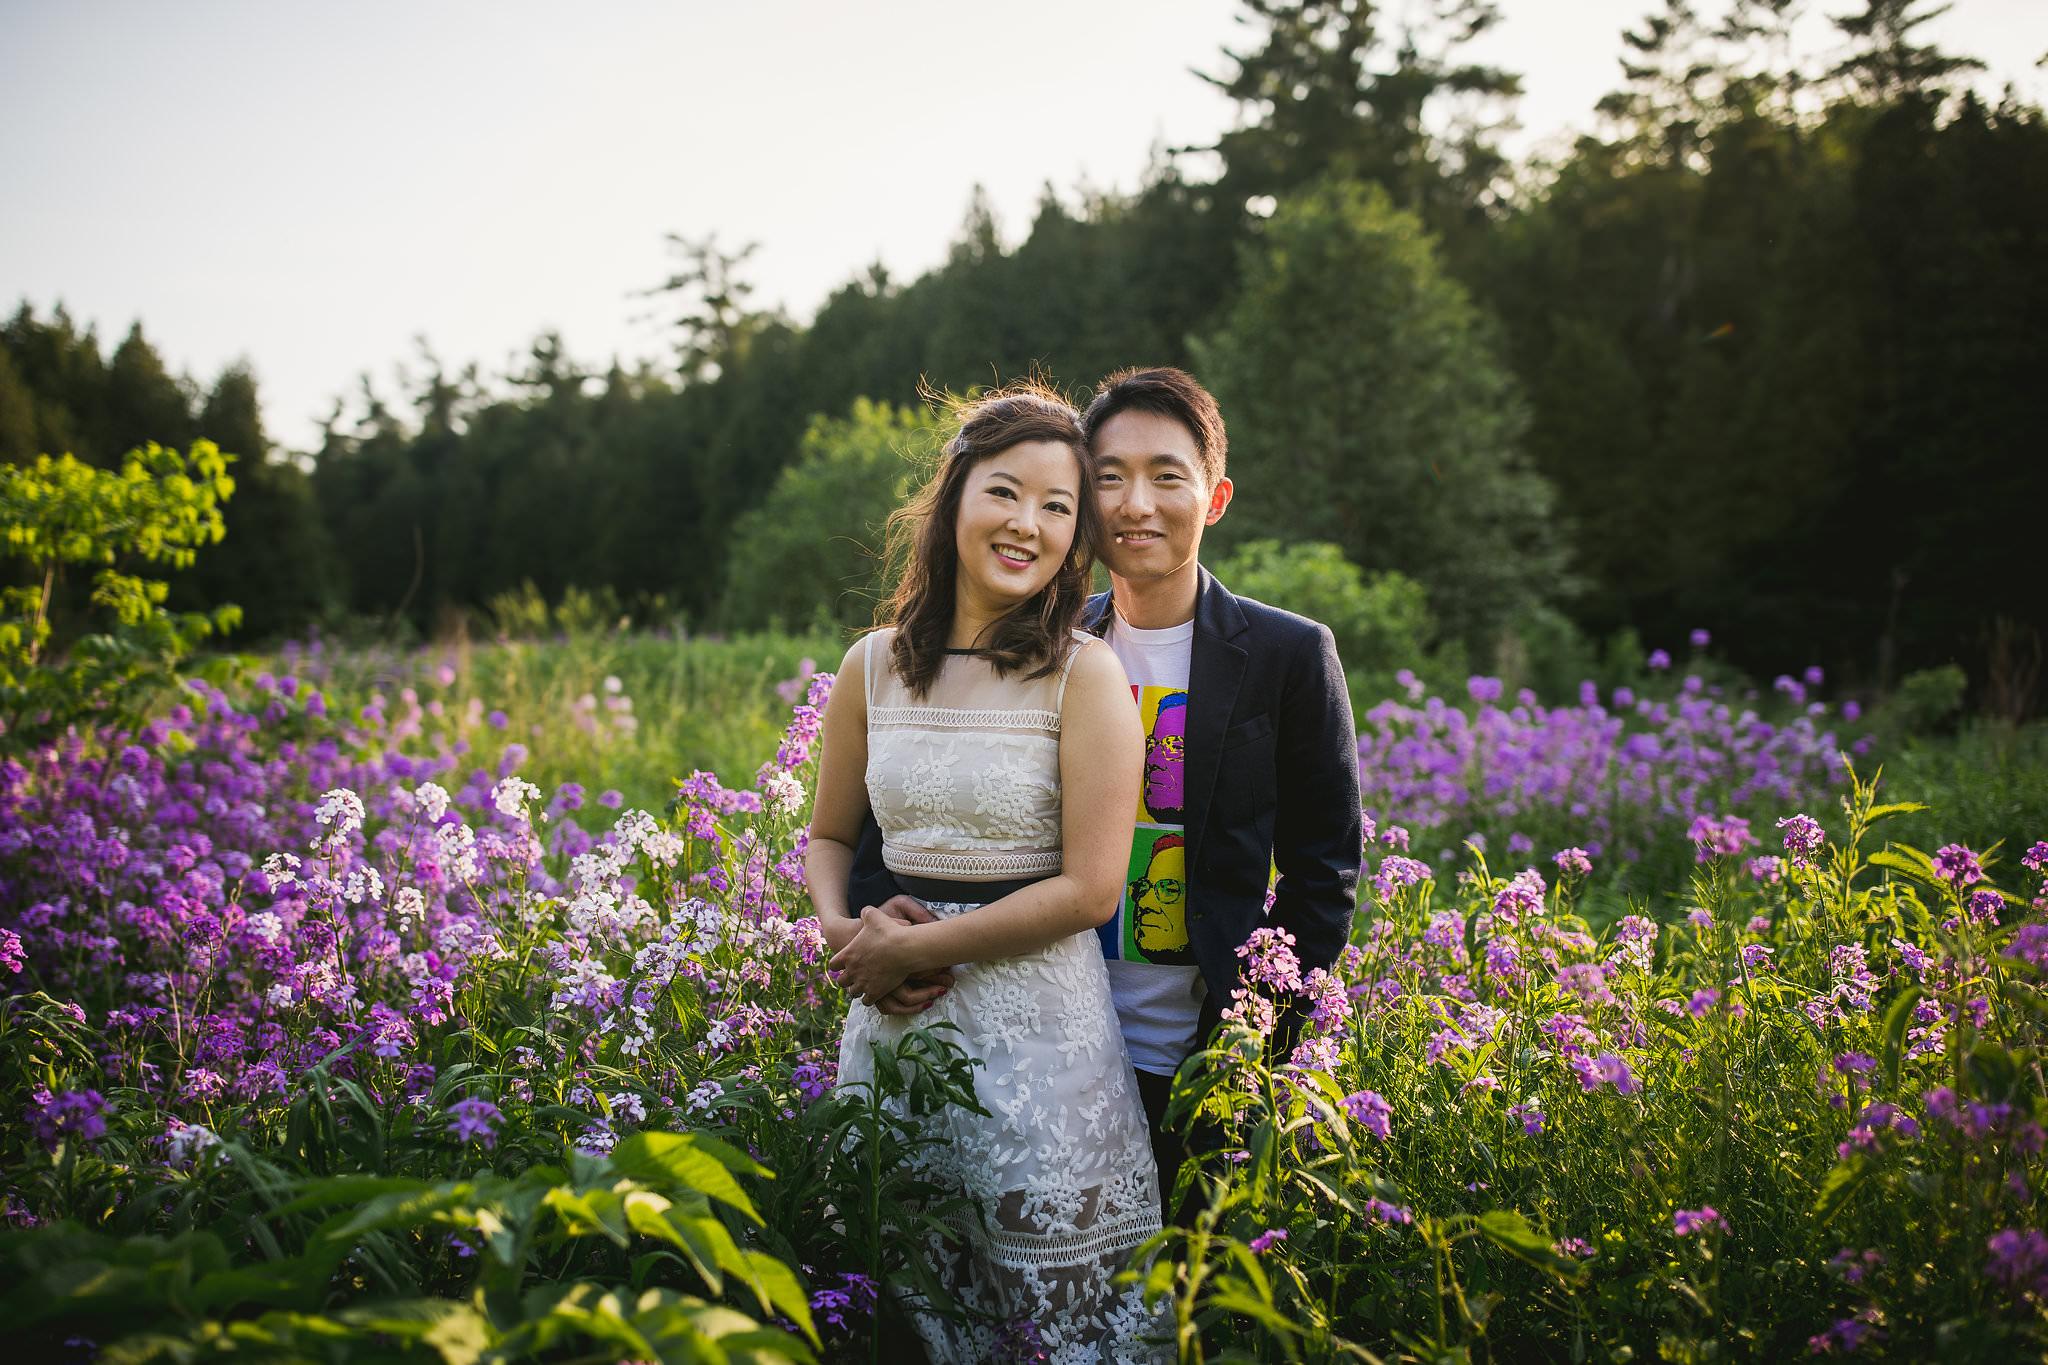 terre blue lavender farm engagement